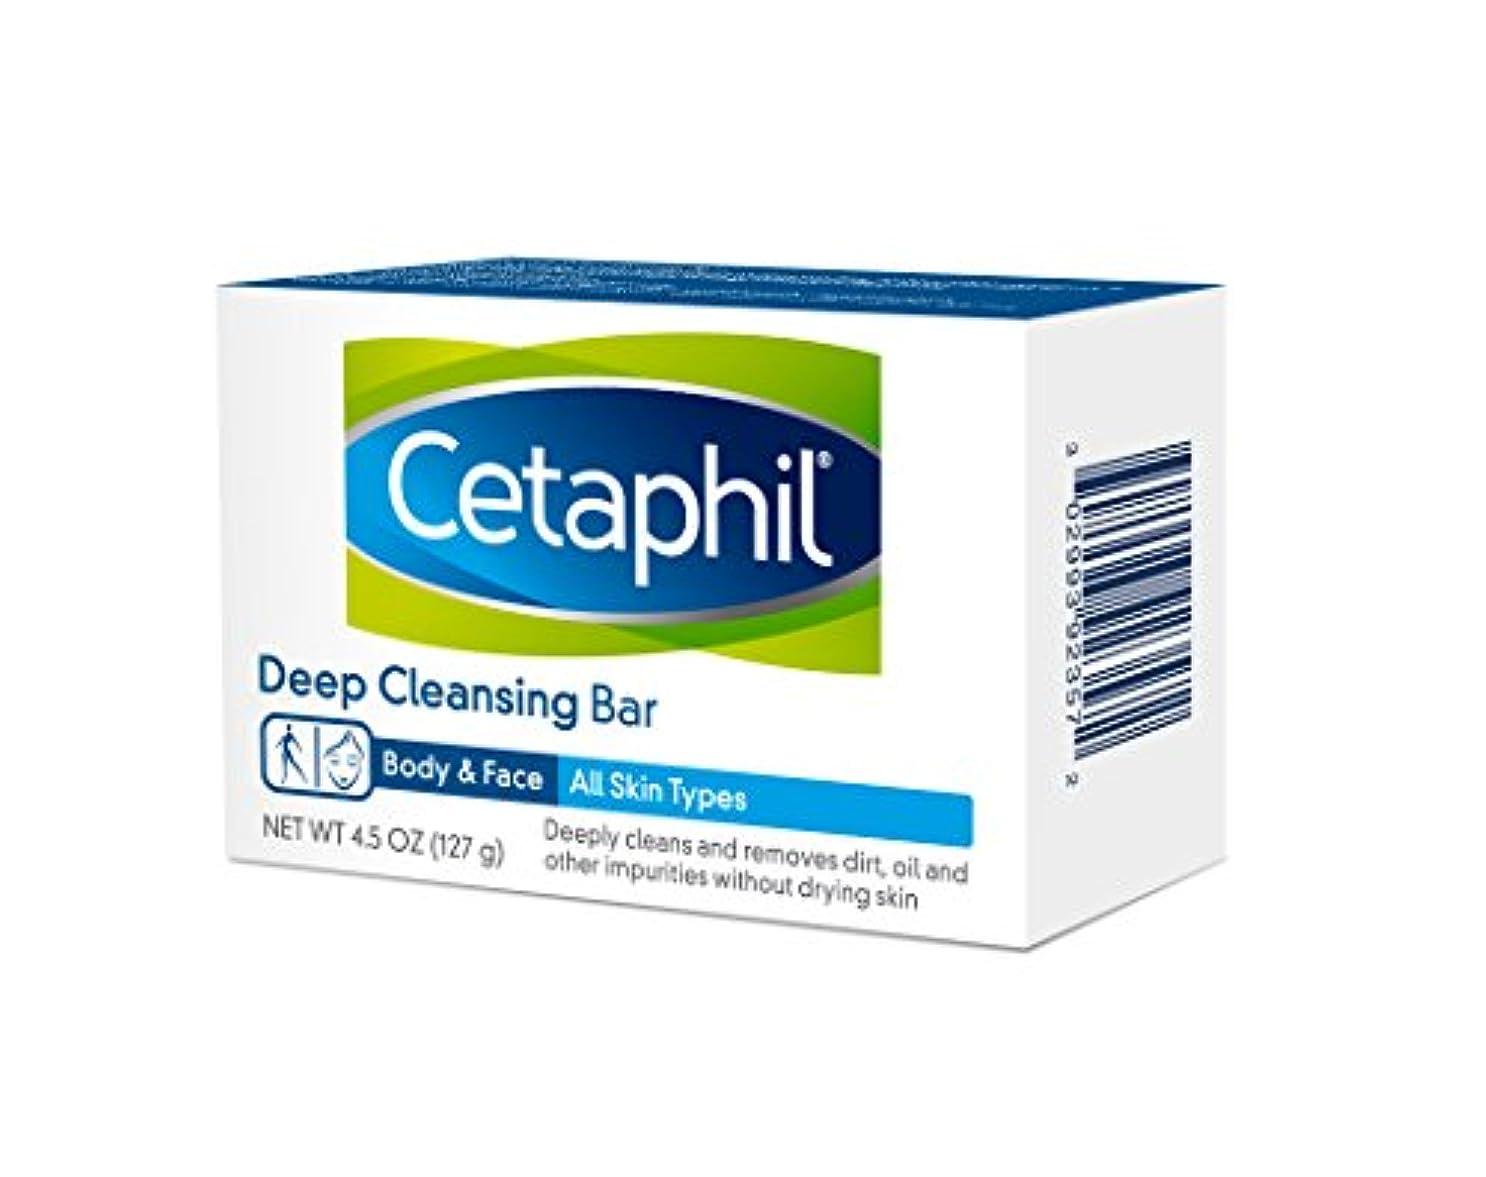 変更可能ハーブ残酷なCetaphil Deep Cleansing Face Body Bar for All Skin Types 127g×6個セット 並行輸入品